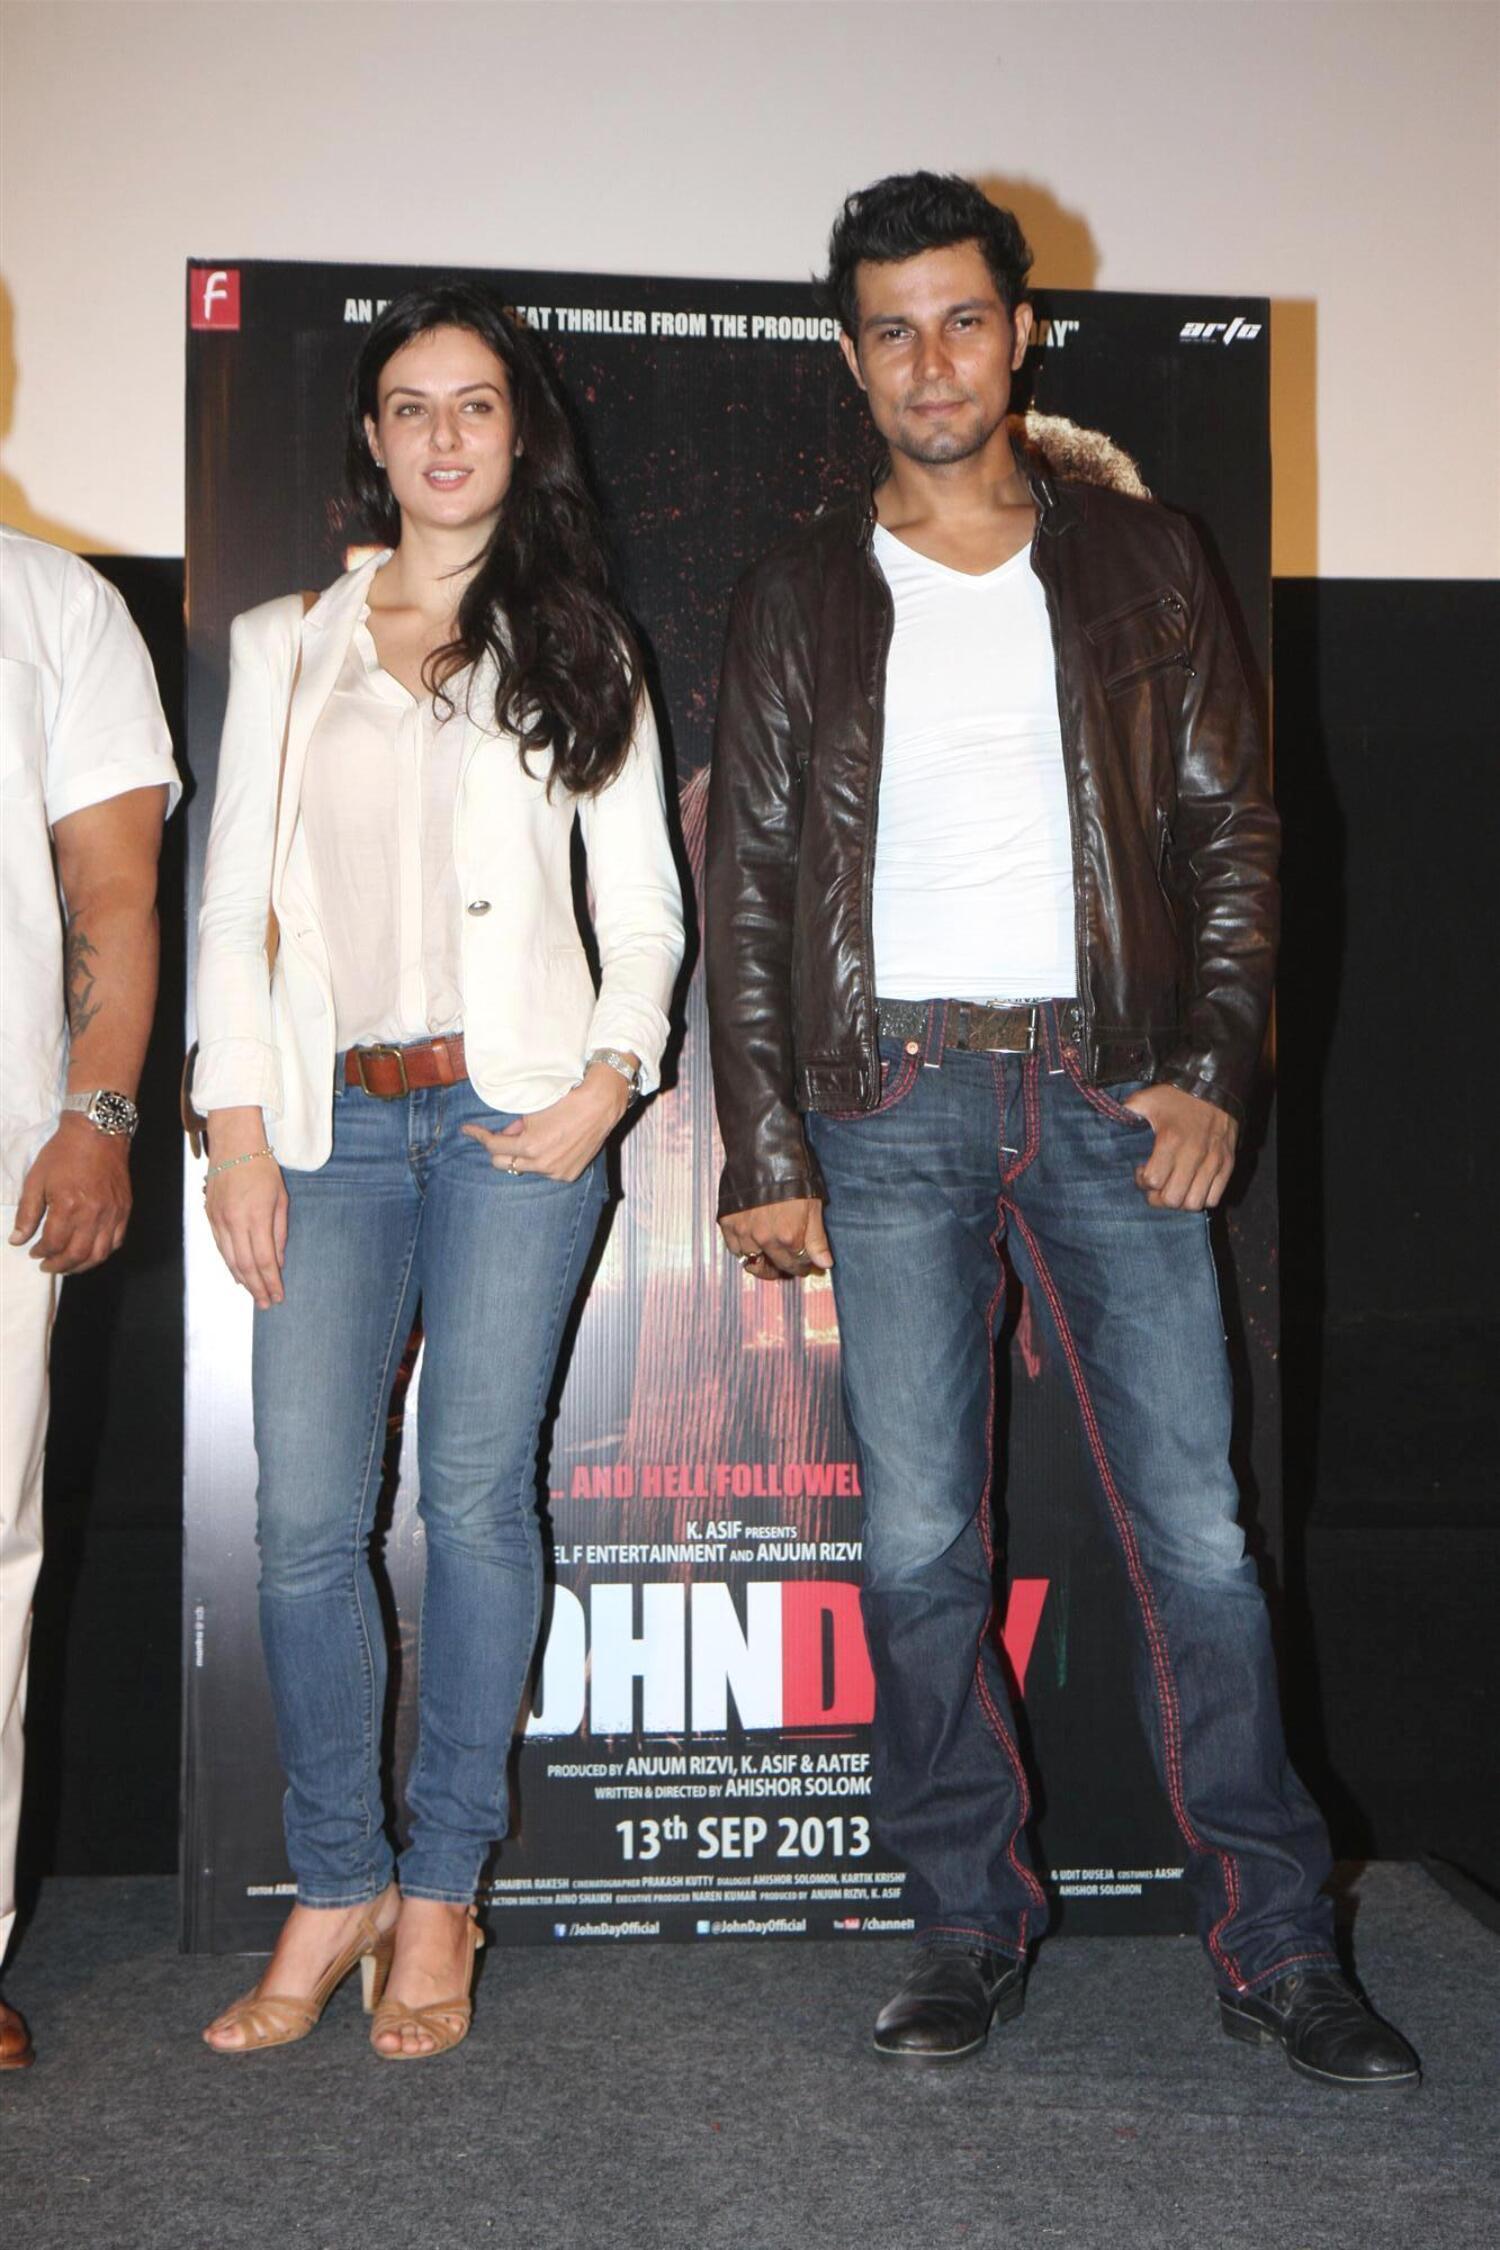 randeep hooda german actress elena kazan at film john day randeep hooda german actress elena kazan at film john day press meet in mumbai 5